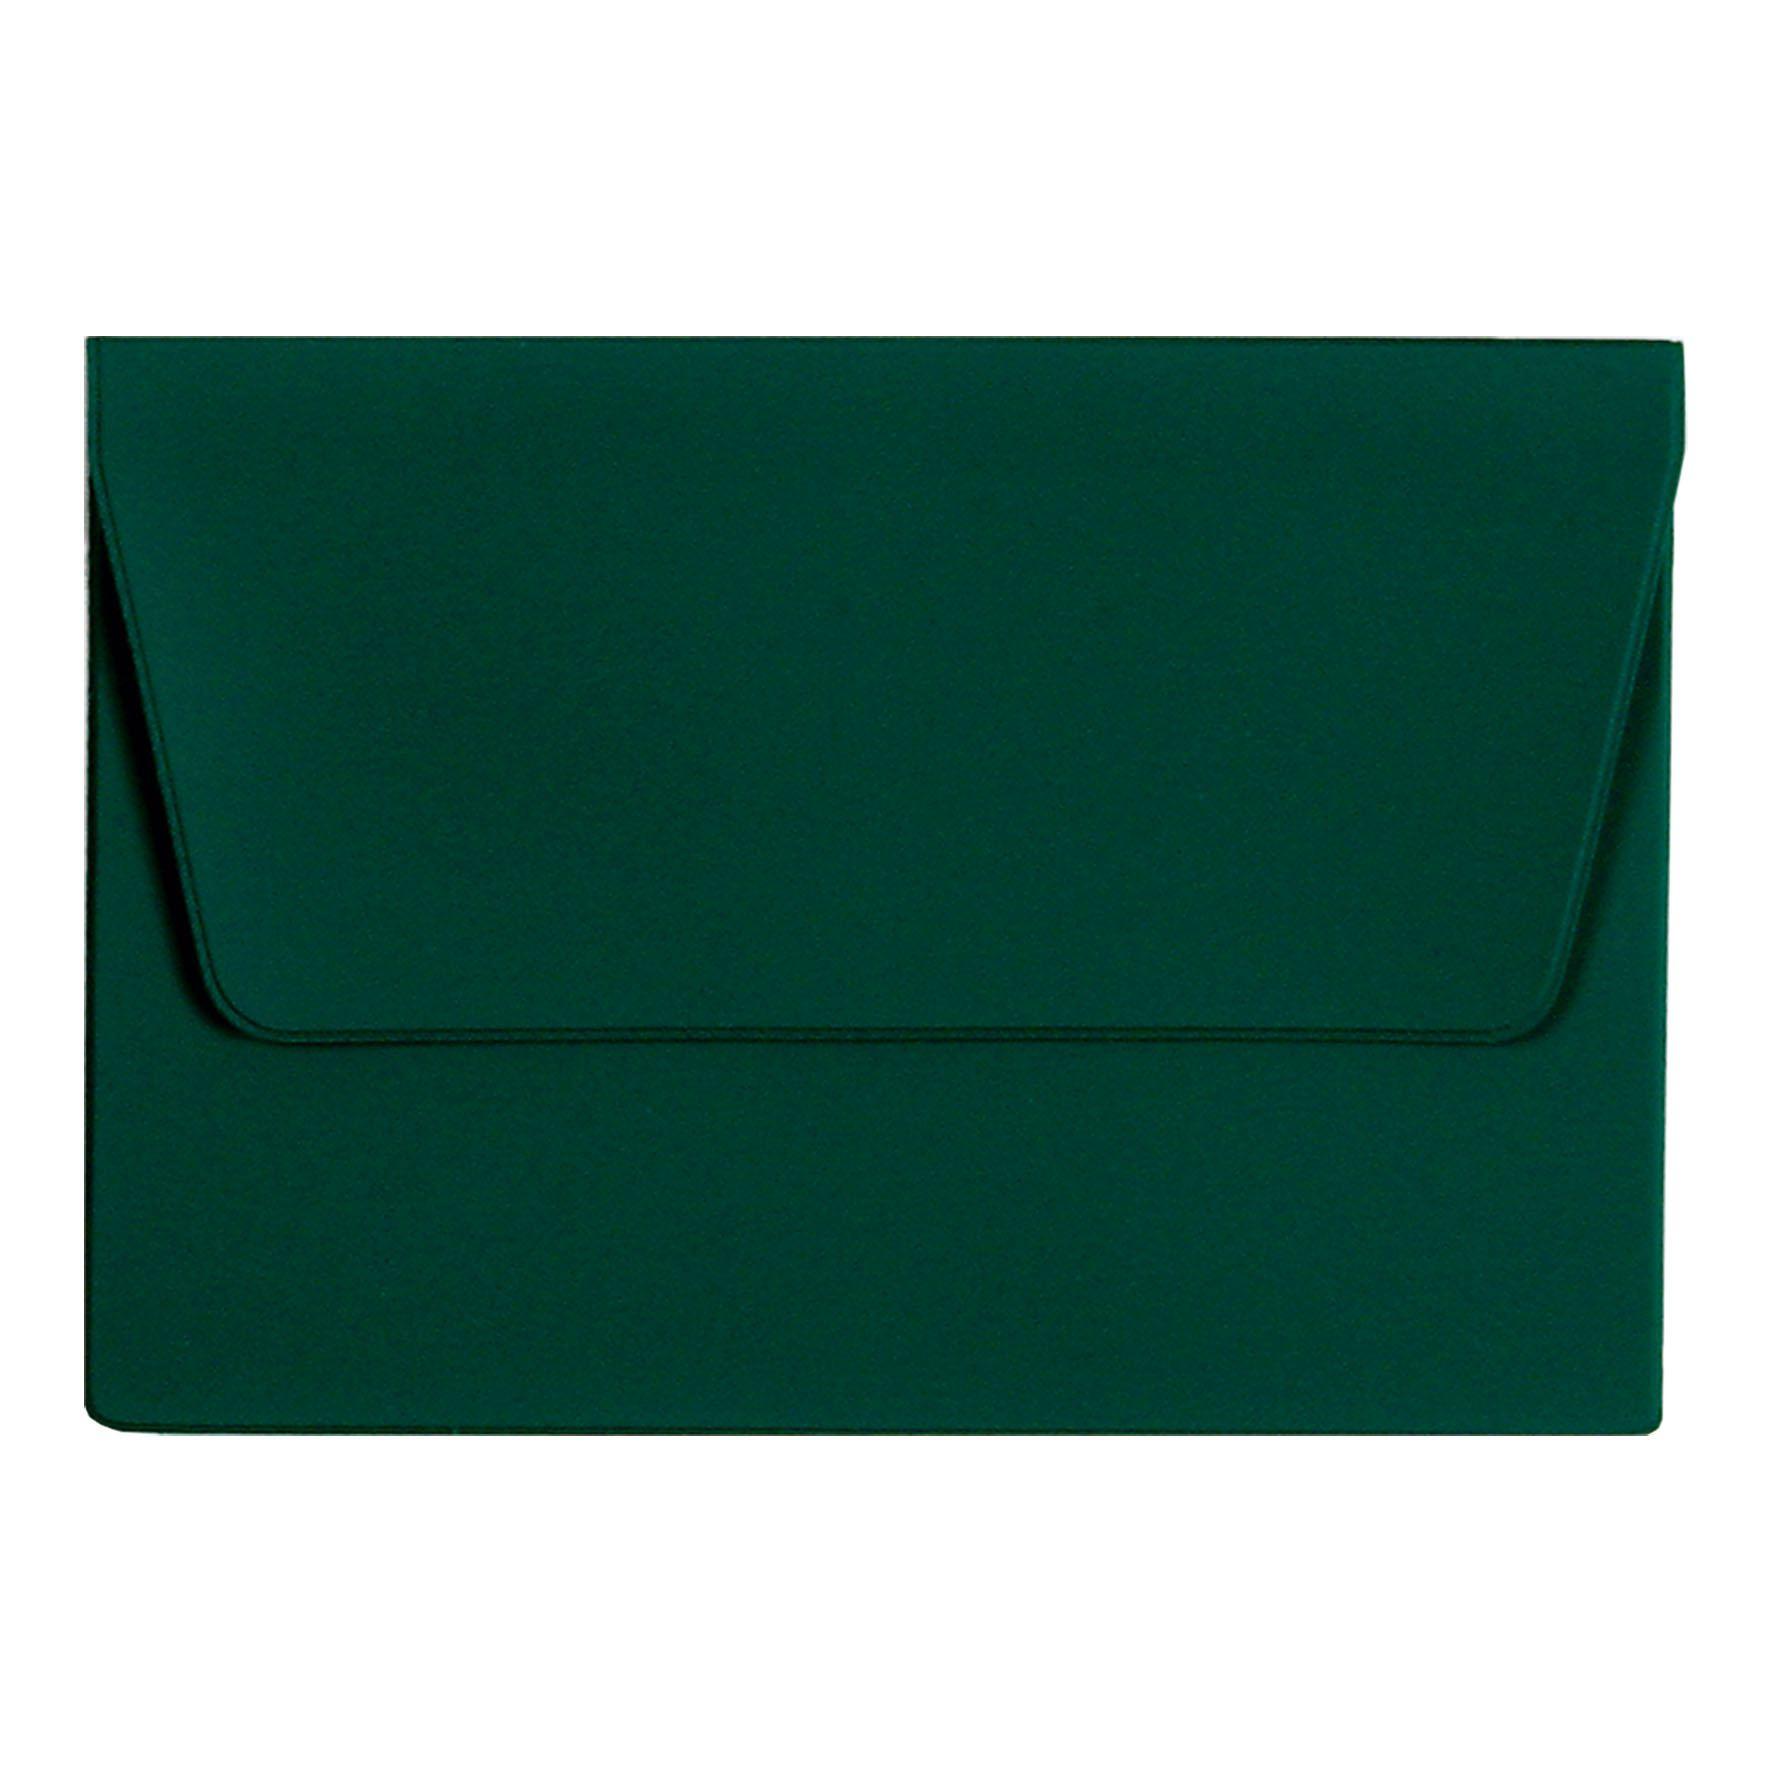 Cadeau promotionnel - Pochette de voyage publicitaire 1 poche A5 - turquoise